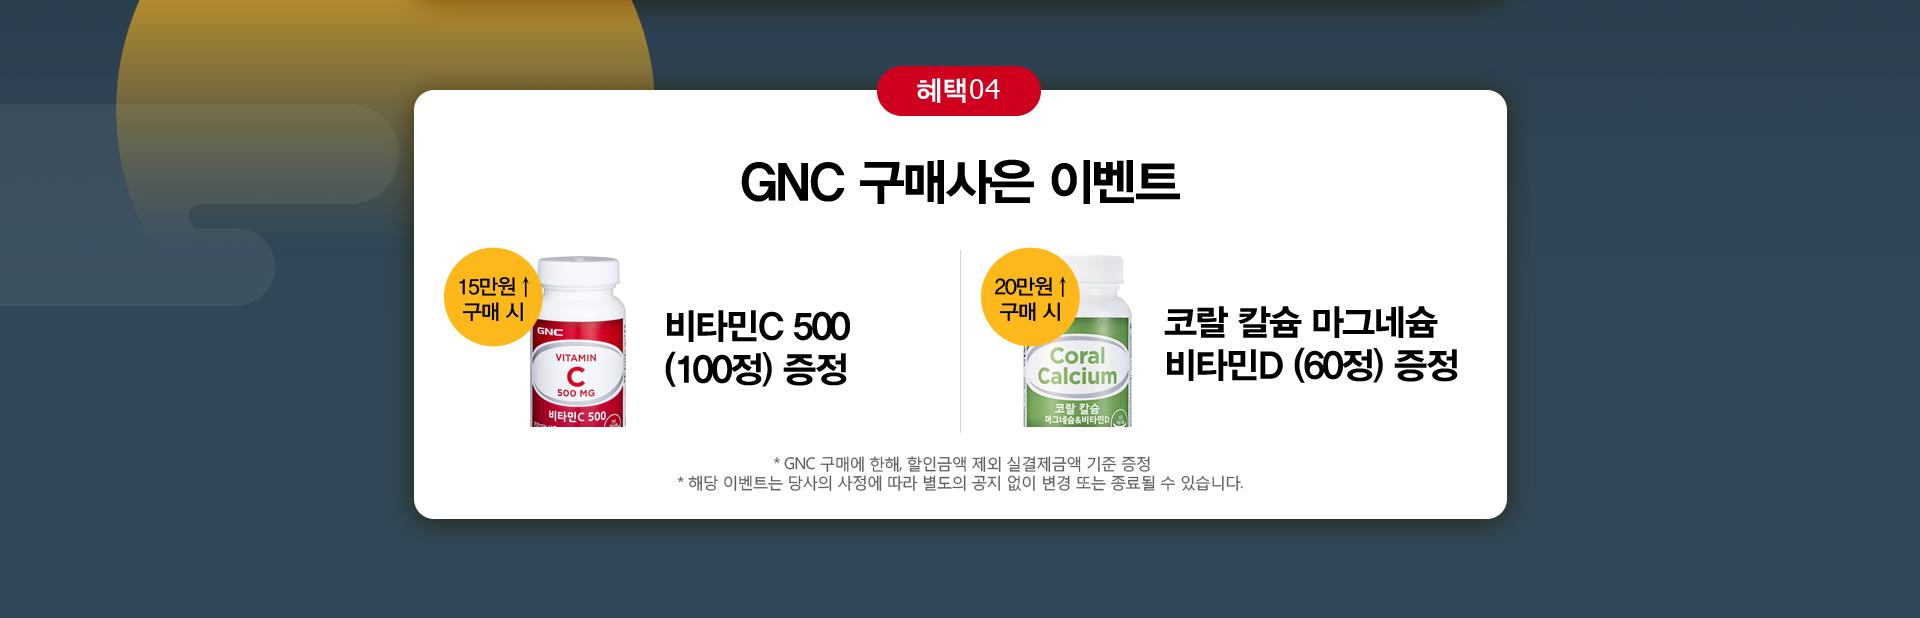 혜택4 GNC구매사은이벤트 15만원이상 구매시 비타민C 500(100정)증정, 20만원이상 구매시 코랄 칼슘마그네슘 비타민D(60정)증정.